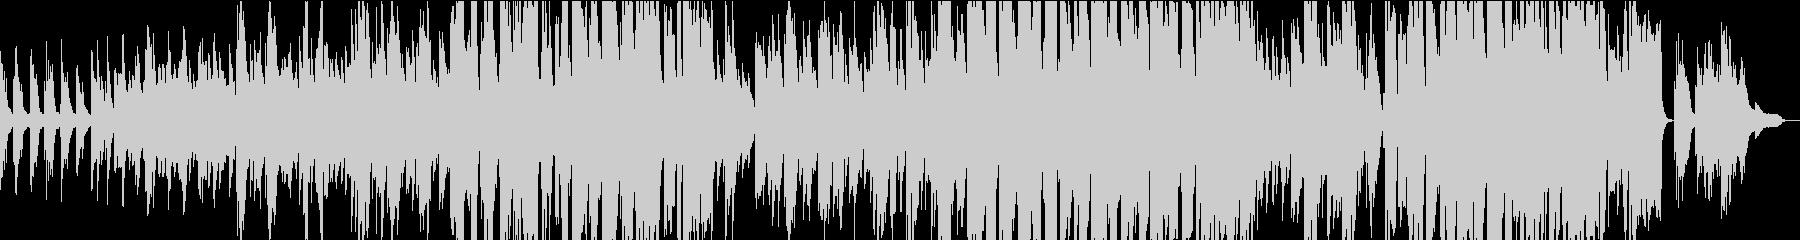 ピアノ弾き語りの切ないバラード【生演奏】の未再生の波形